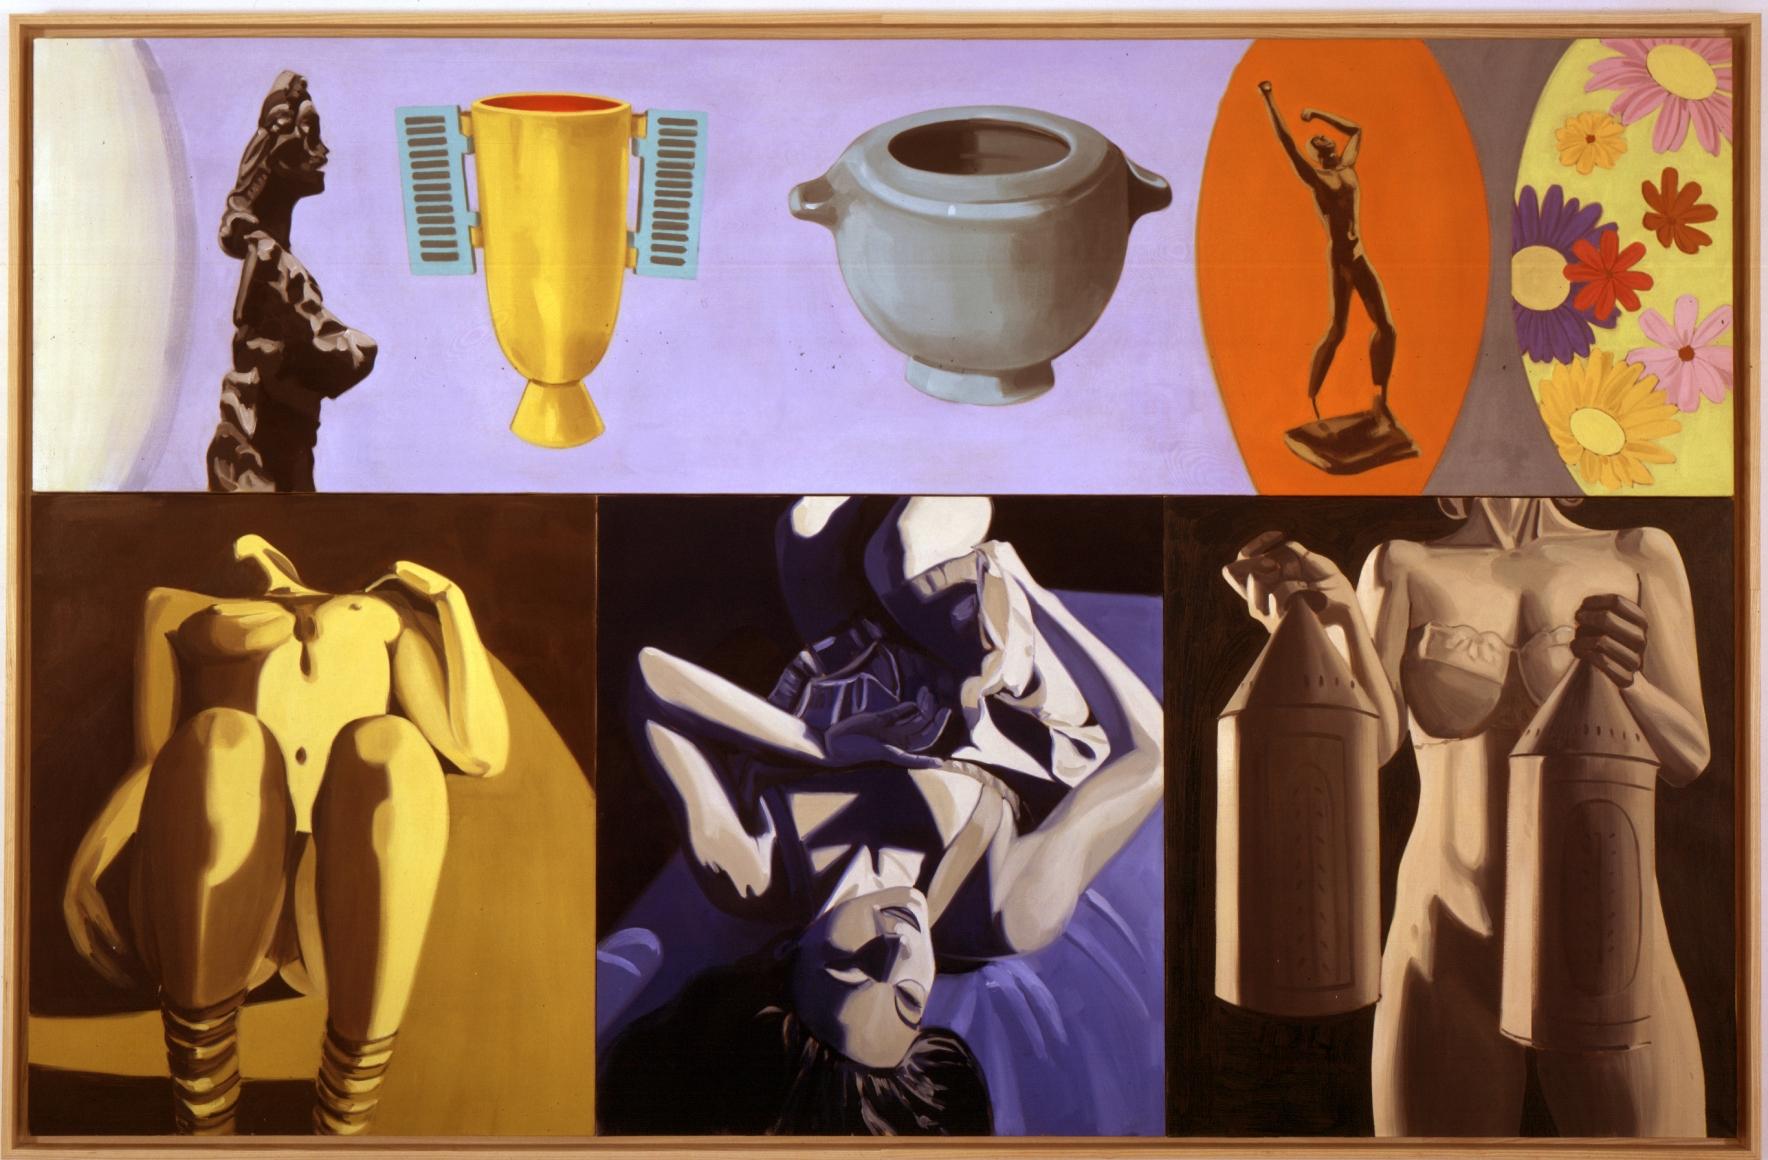 DAVID SALLE, Shuttered Vase, 2002